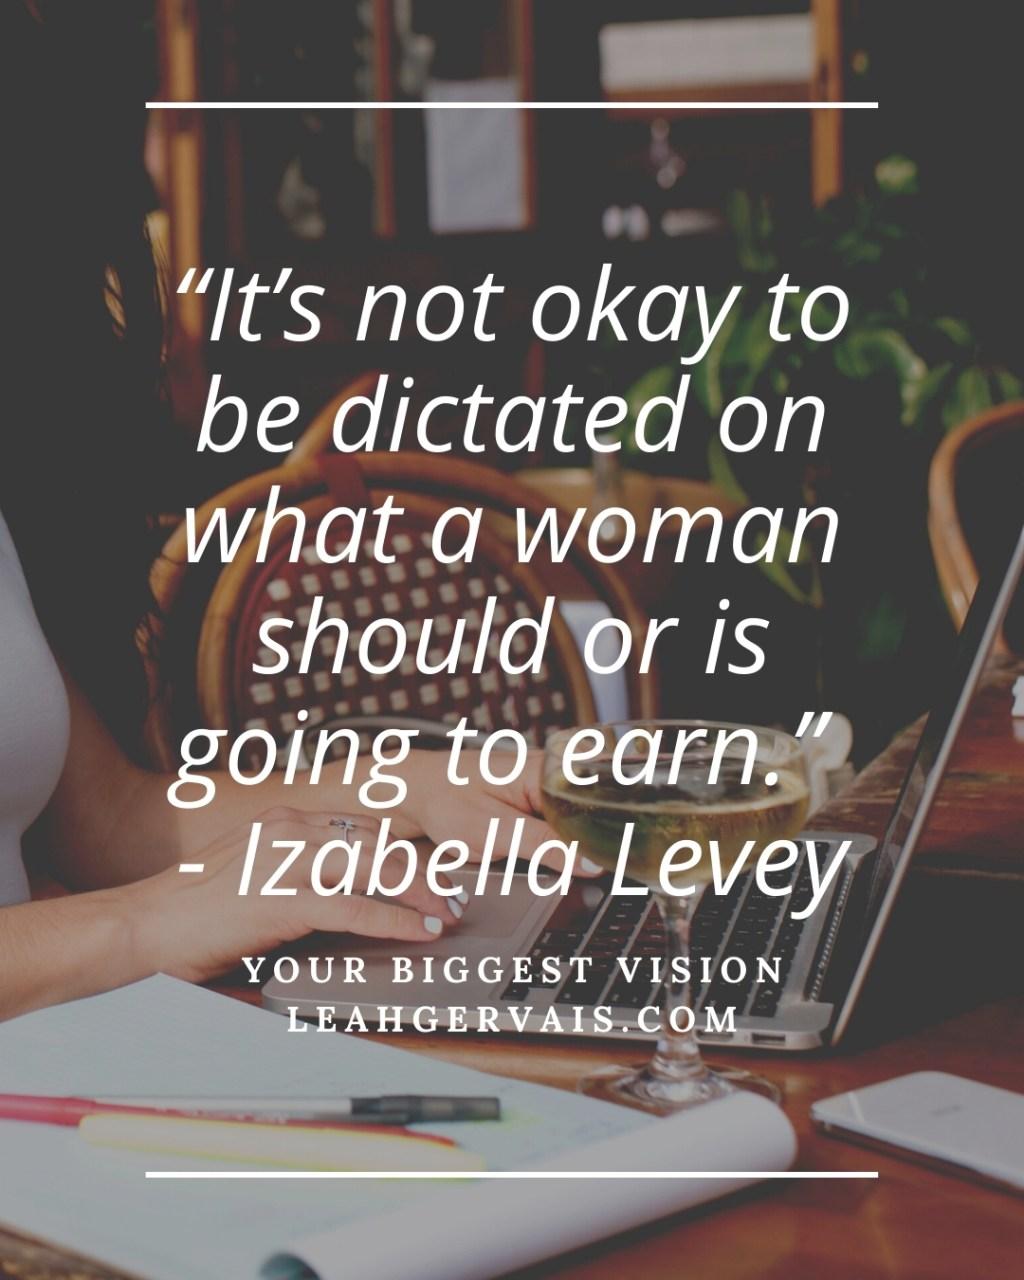 Leah Gervais interviewing Izabella Levey